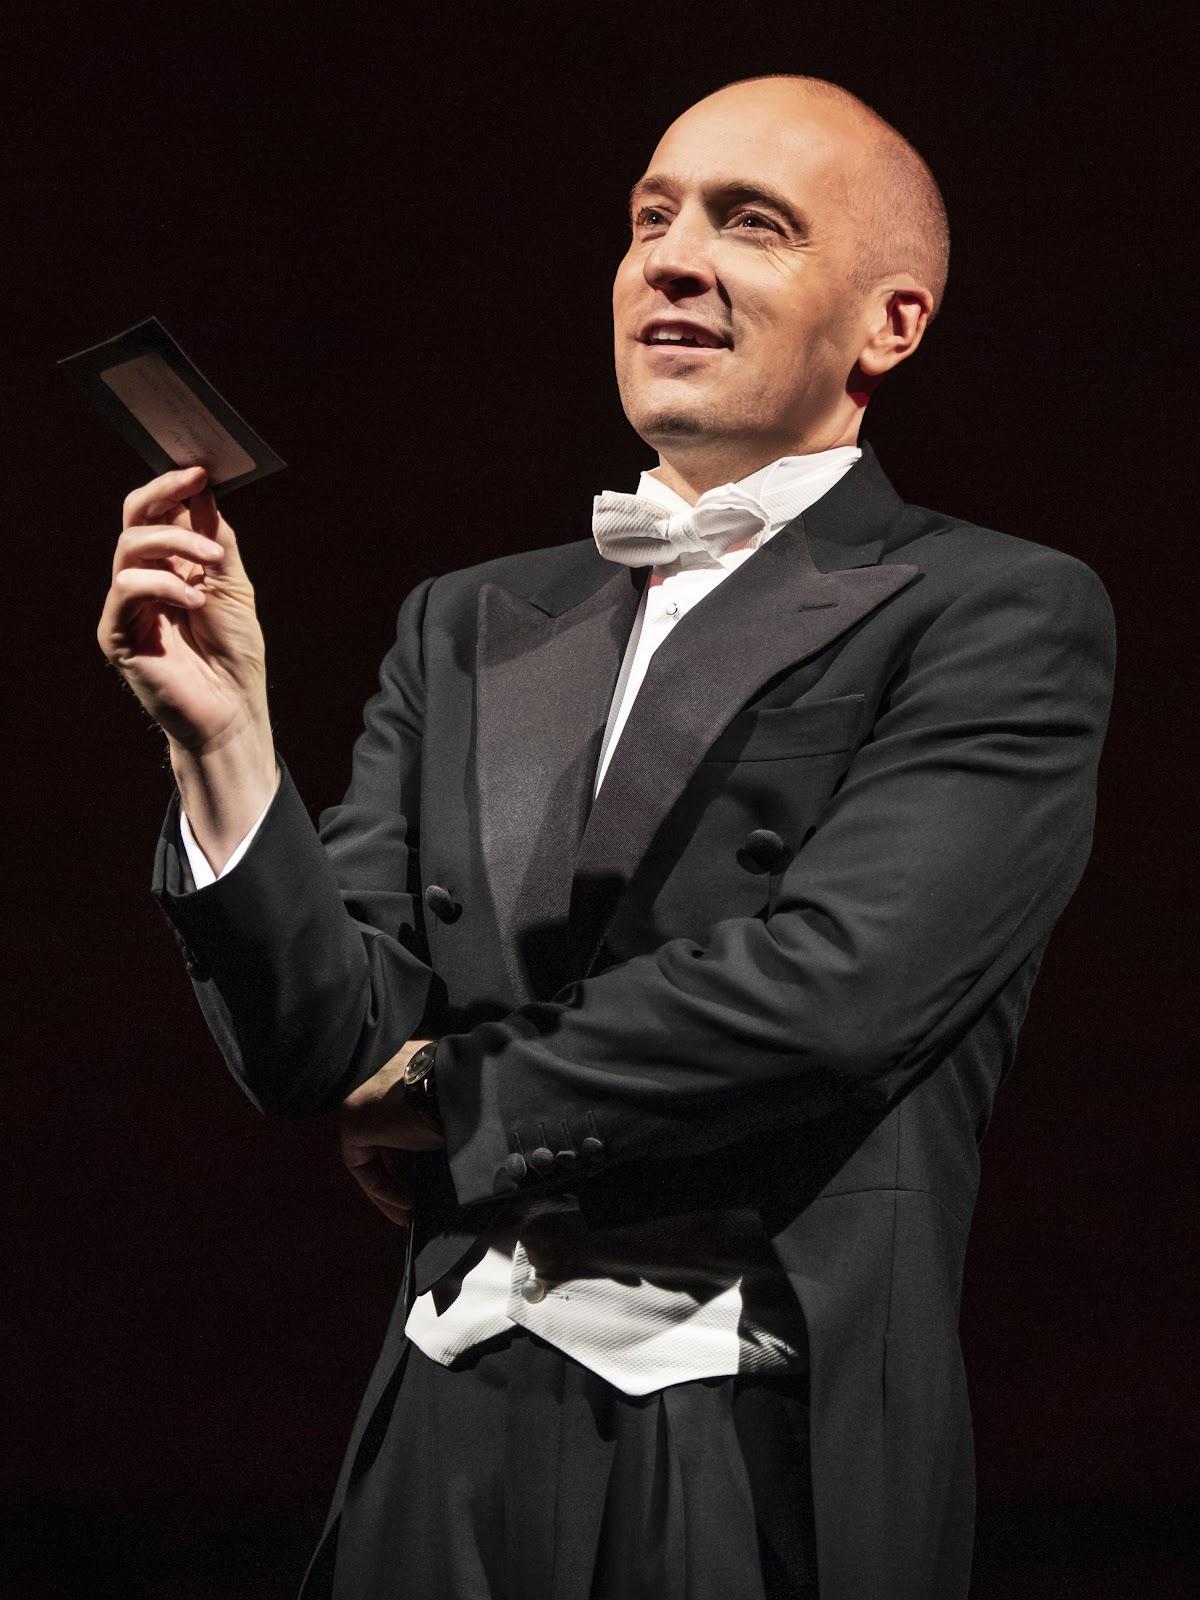 British mentalist Derren Brown demonstrating a card trick.